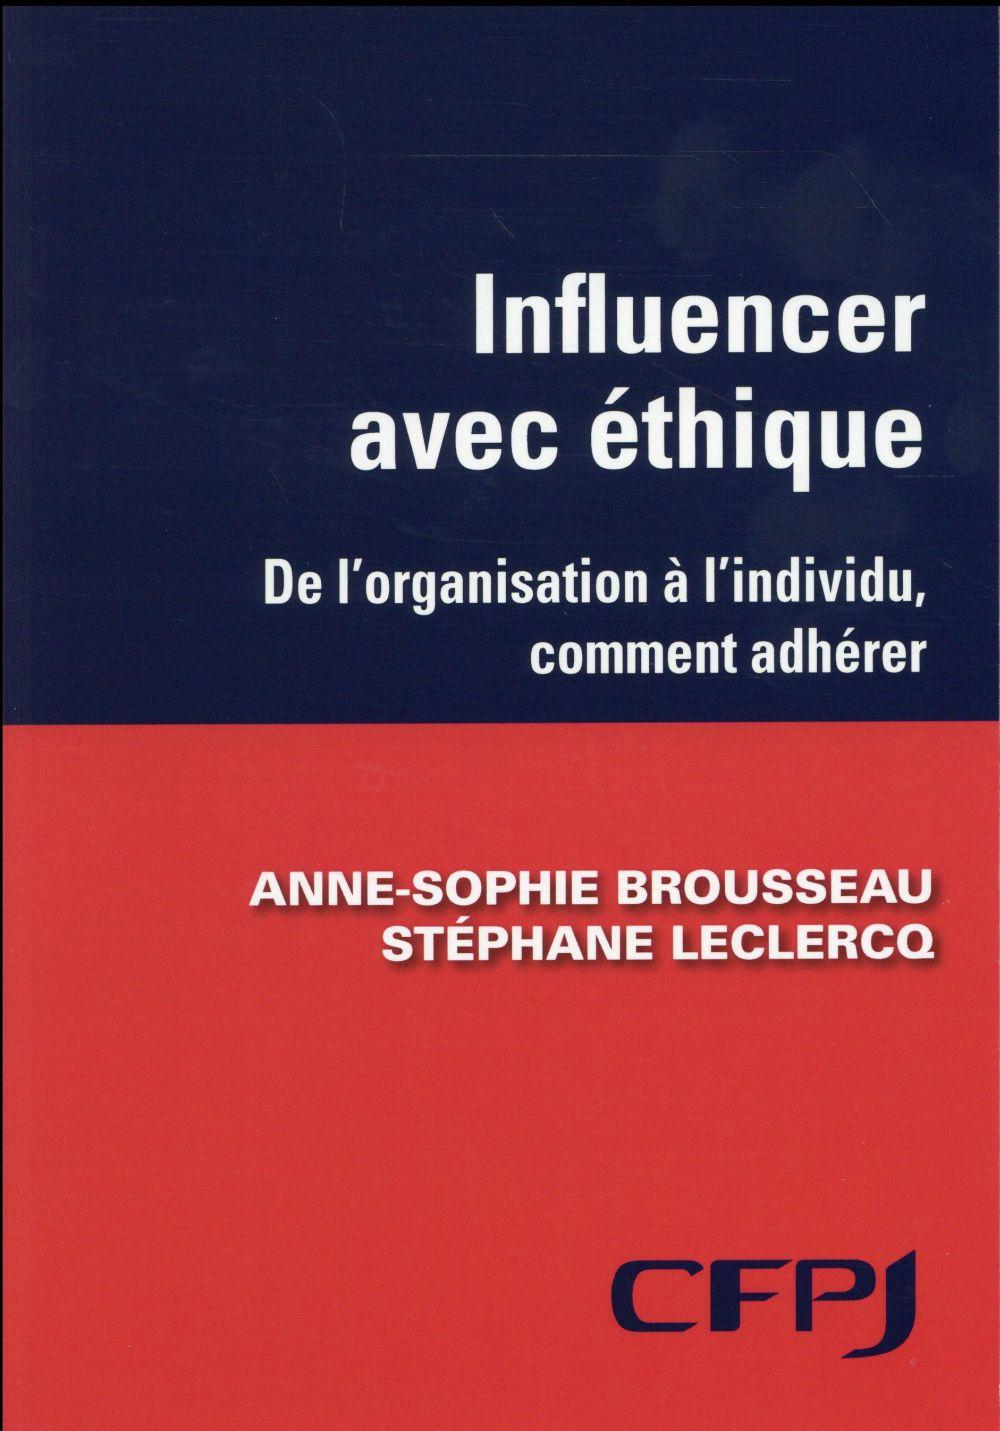 Influencer avec éthique ; de l'organisation à l'individu, comment faire adhérer